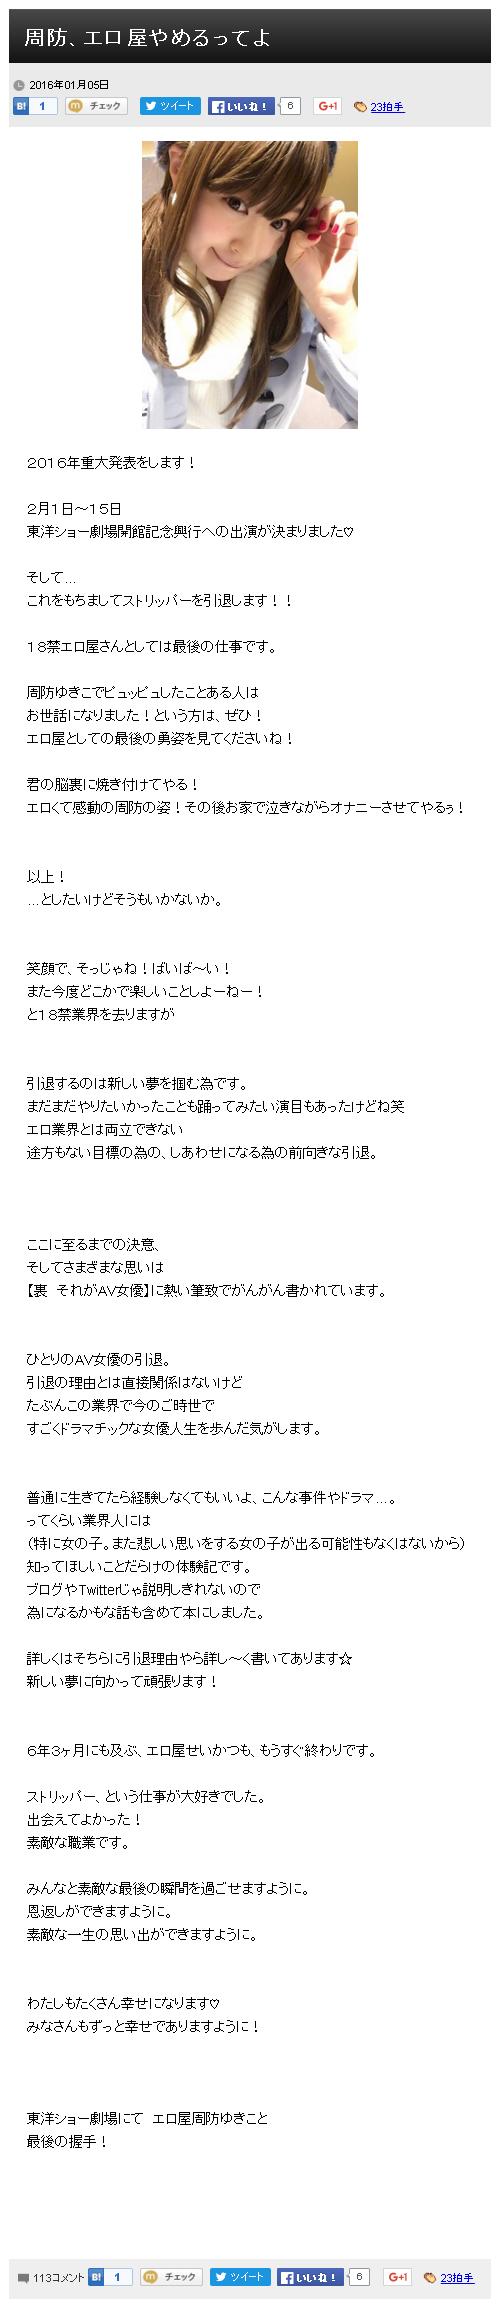 周防ゆきこ-Blog-160105